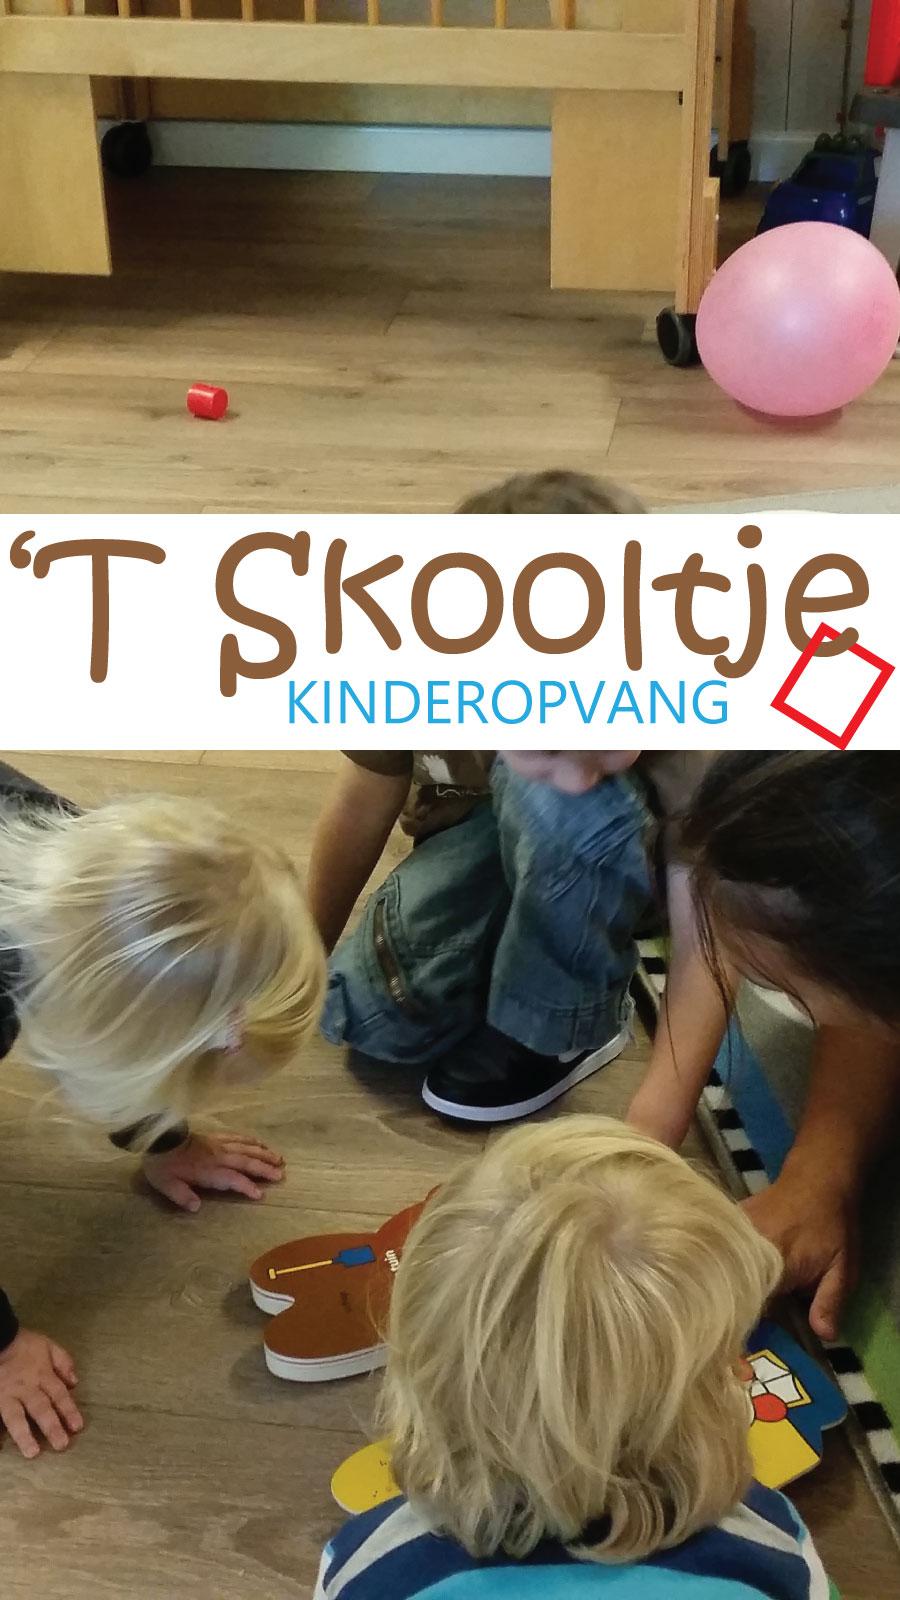 http://t-skooltje.nl/wp-content/uploads/2015/01/81.jpg